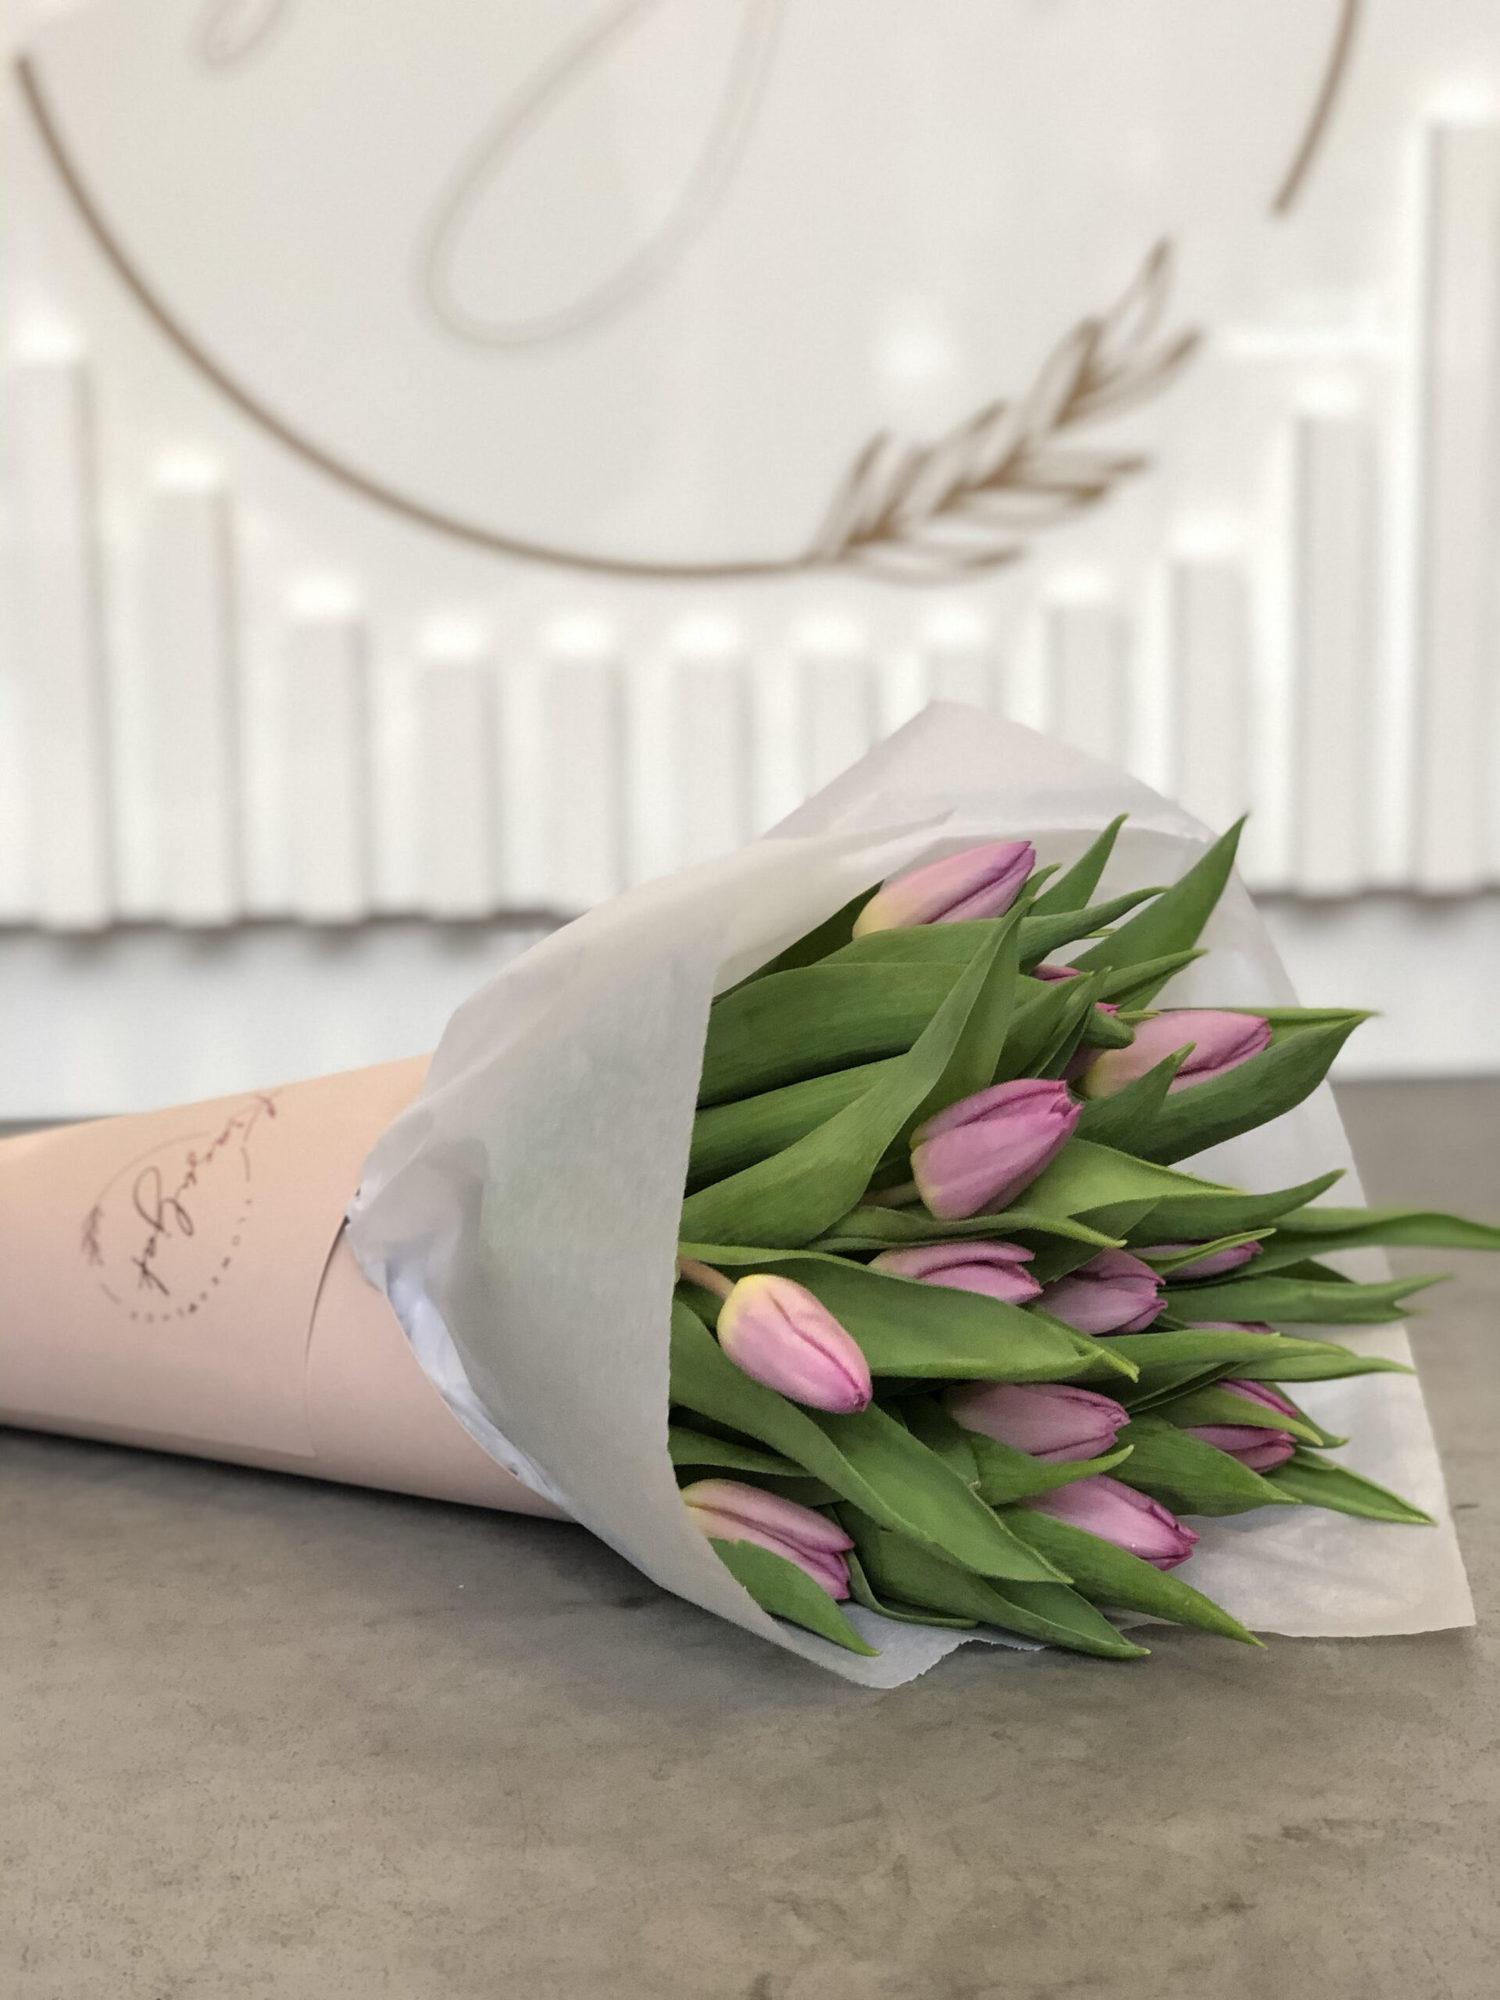 Buket rozih lala u ukrasnom fiseku mat boje